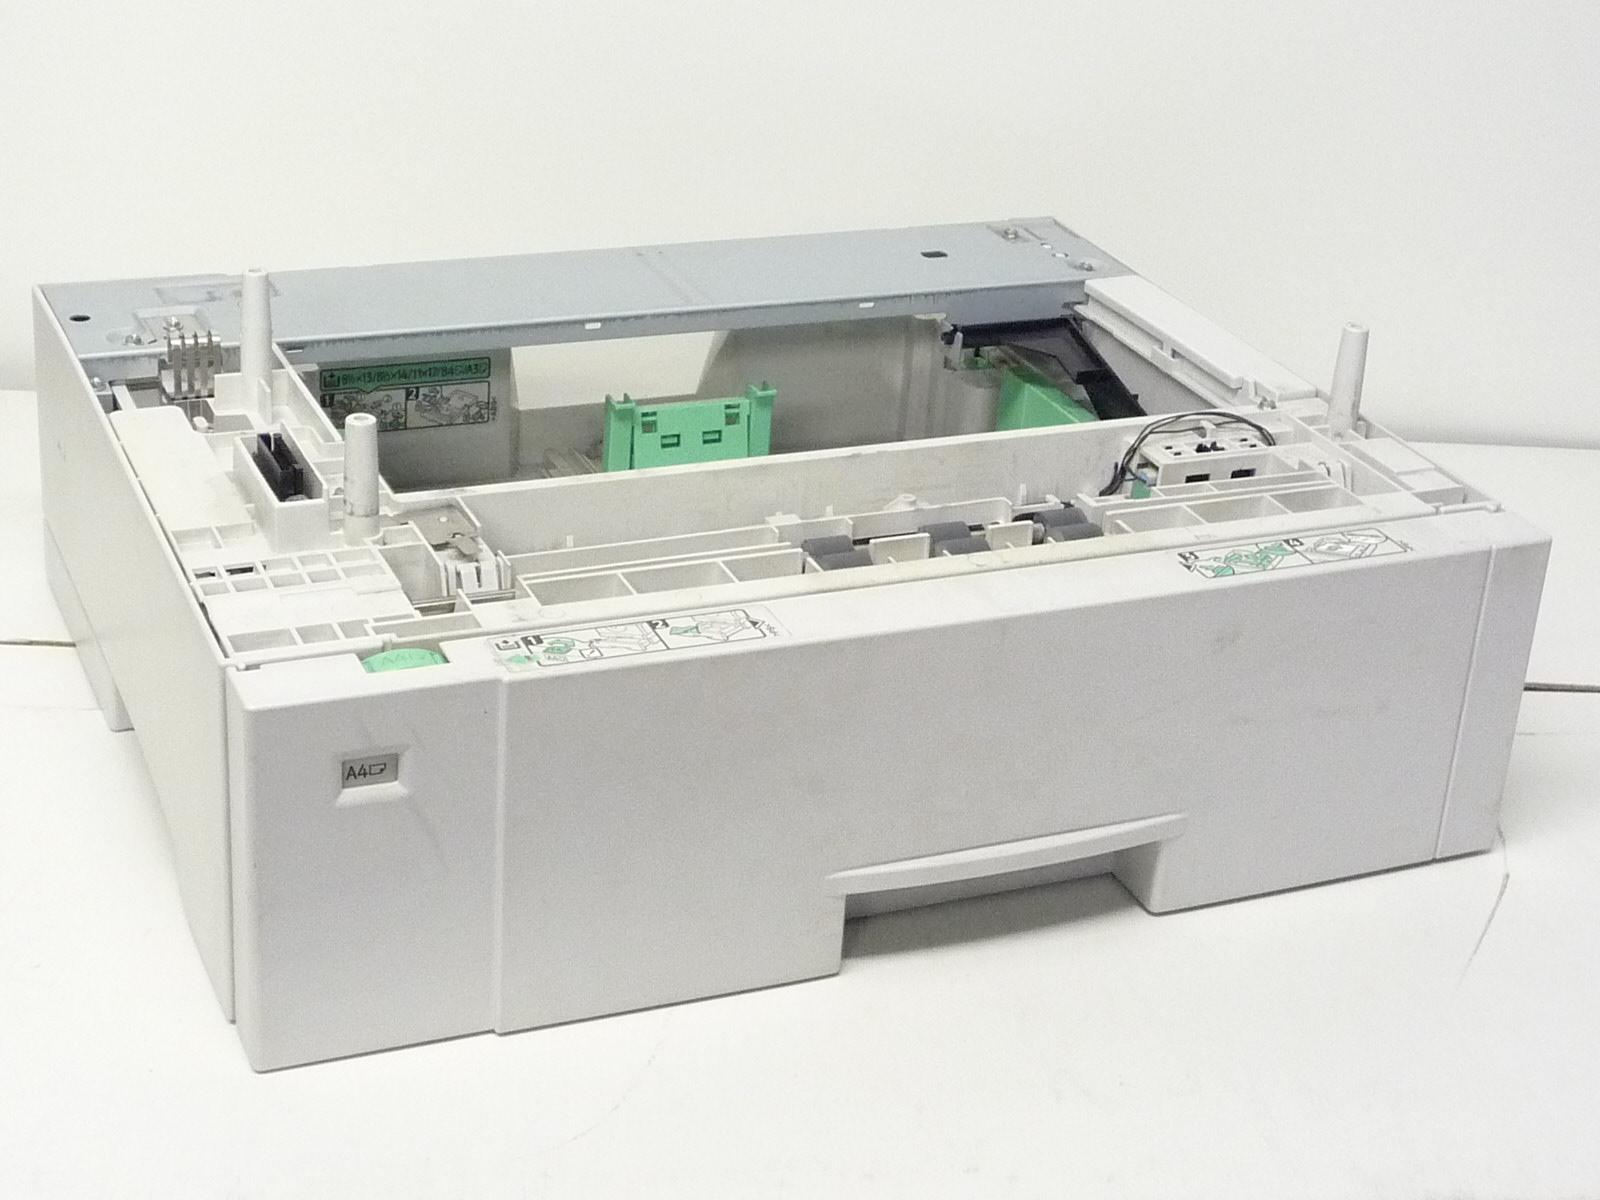 タイプ720/850 RICOH 500枚 増設カセット NX850、NX750、NX650S用【中古】